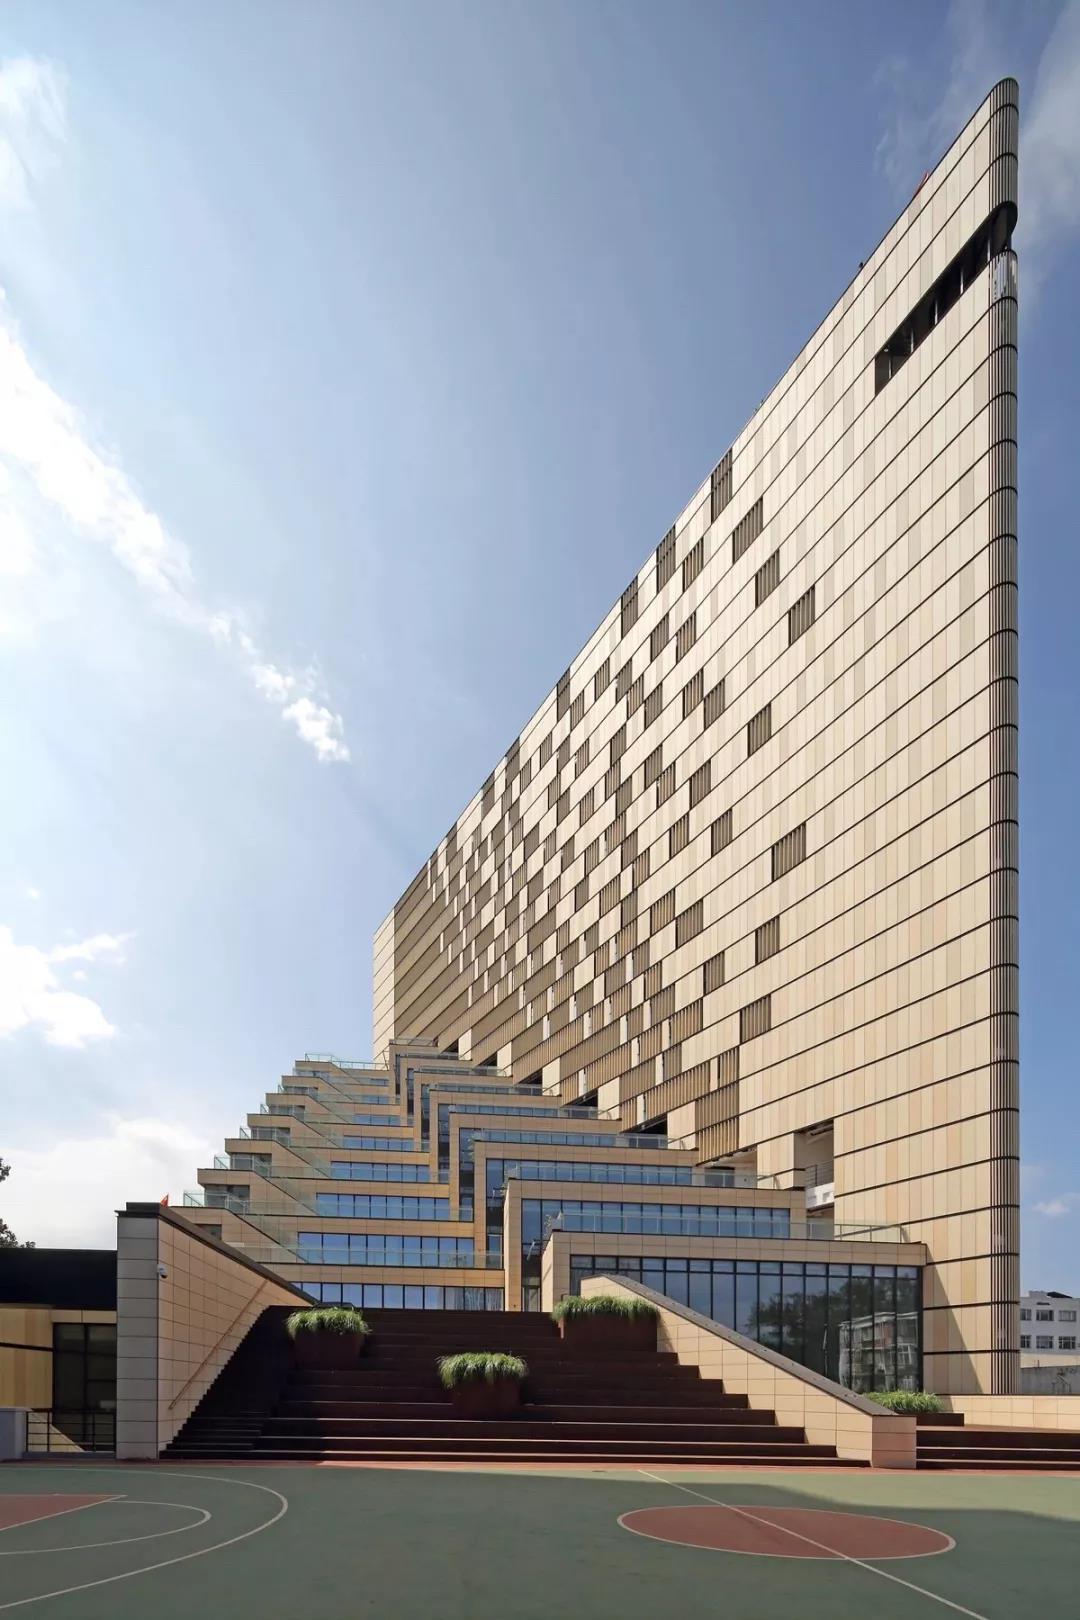 北京园林景观设计院_中国院建筑一院:建筑师、城市设计师、景观设计师、历史地理 ...